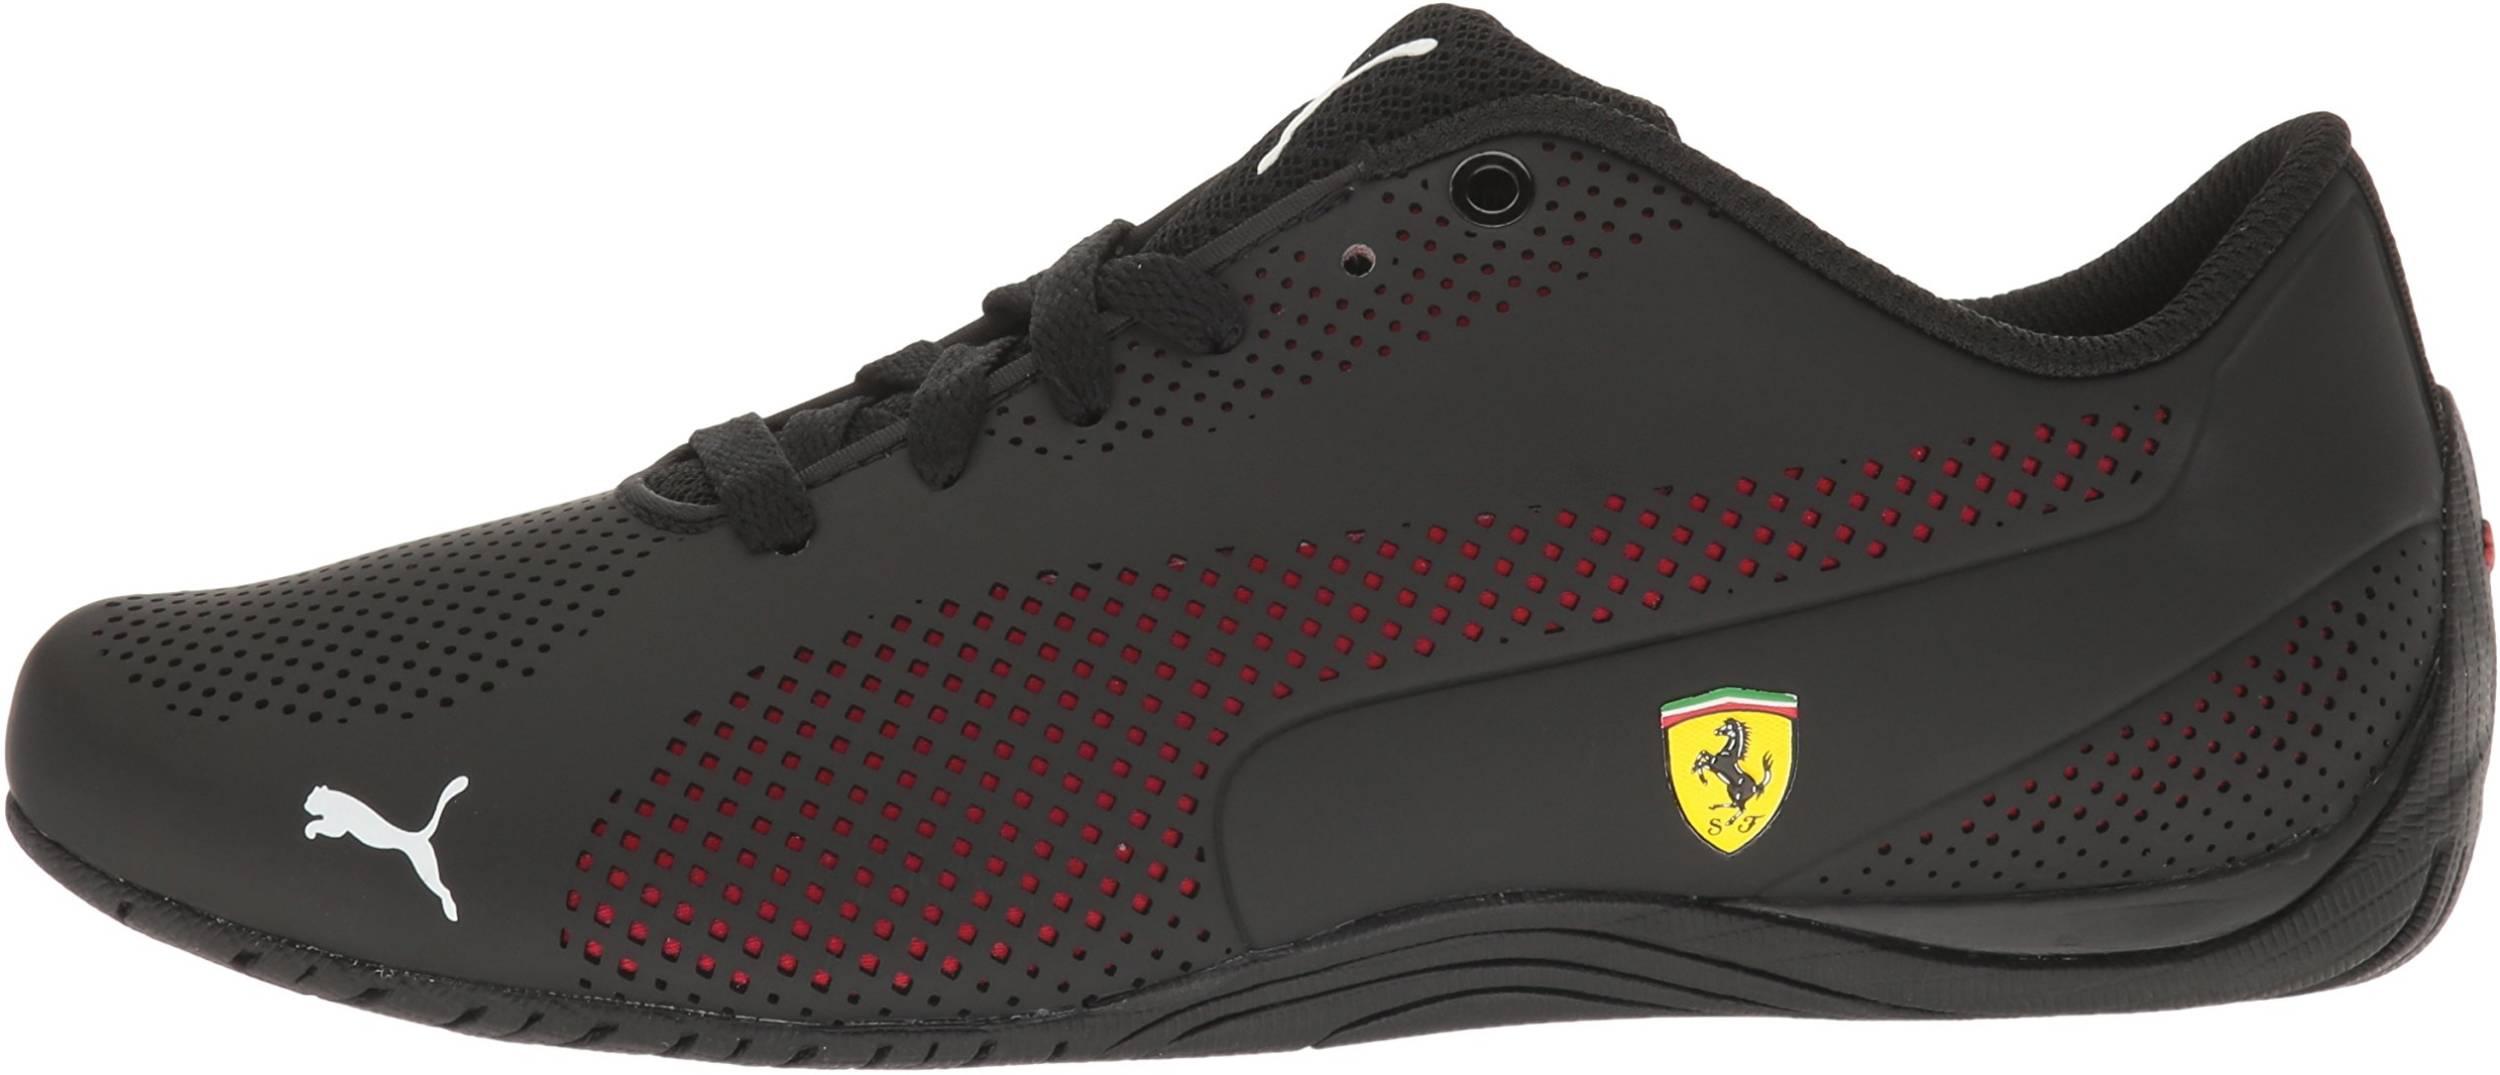 Puma Ferrari Drift Cat 5 Ultra sneakers (only $62) | RunRepeat